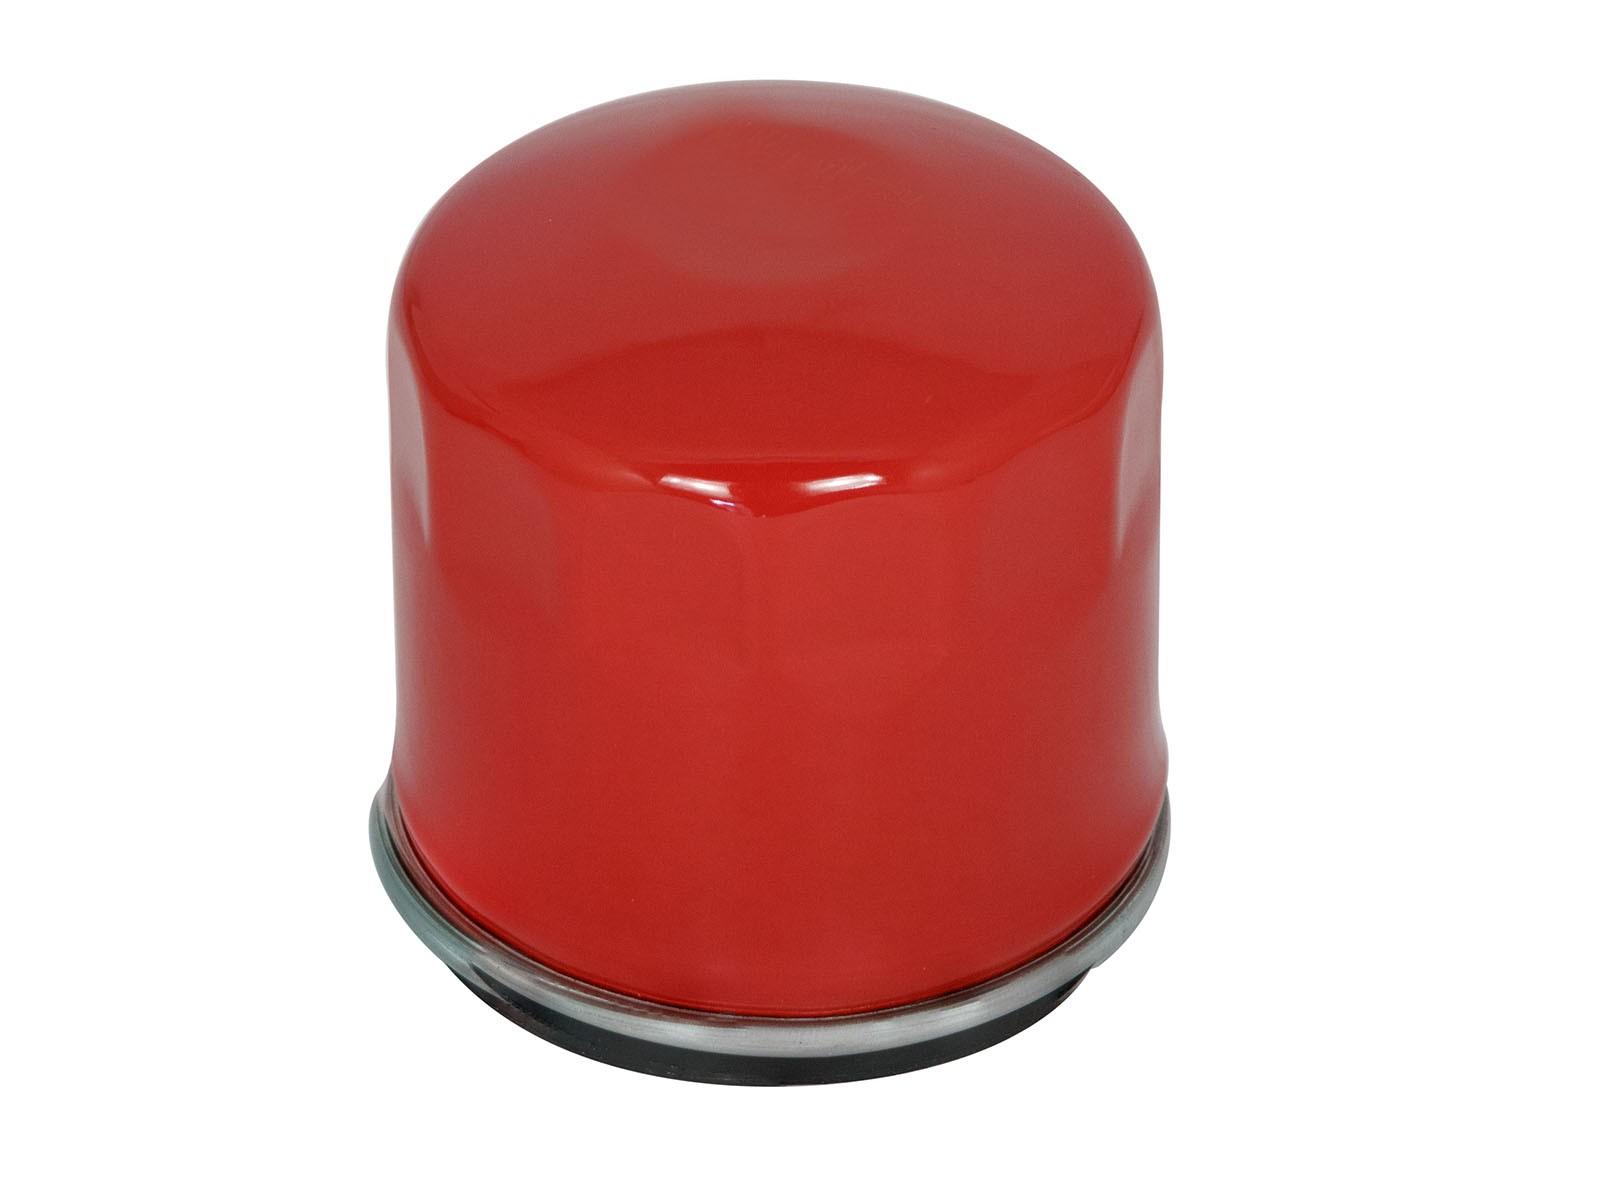 aFe POWER 44-TF001 Pro GUARD D2 Transmission Fluid Filter